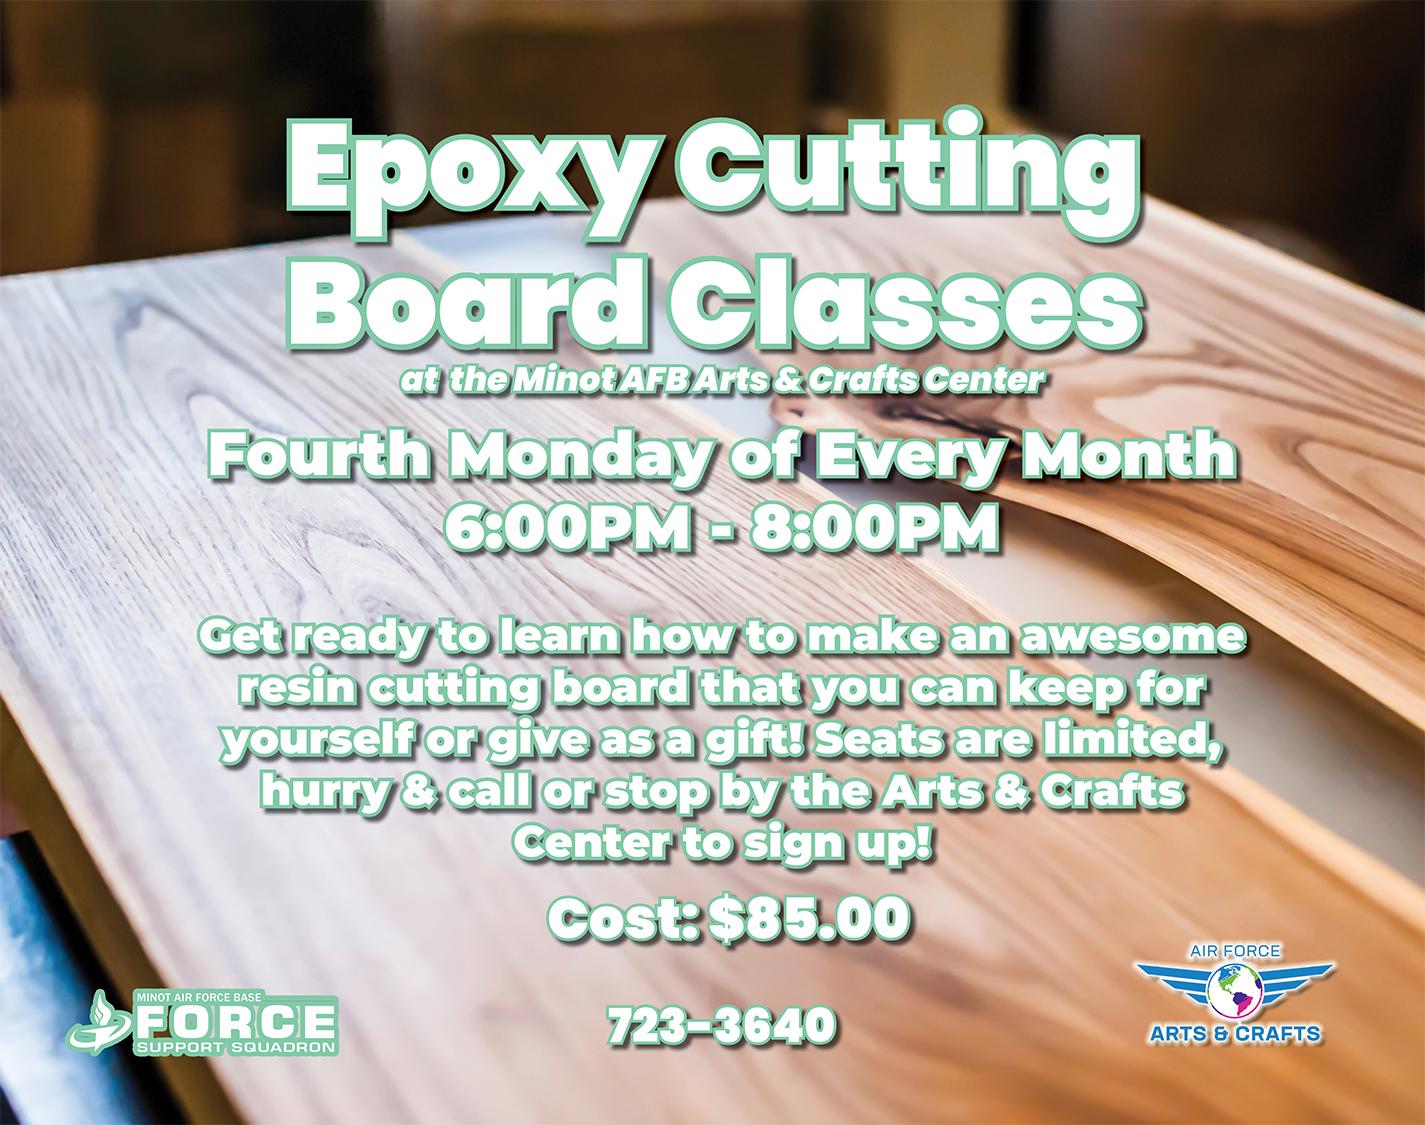 Registration Ends: Epoxy Cutting Board